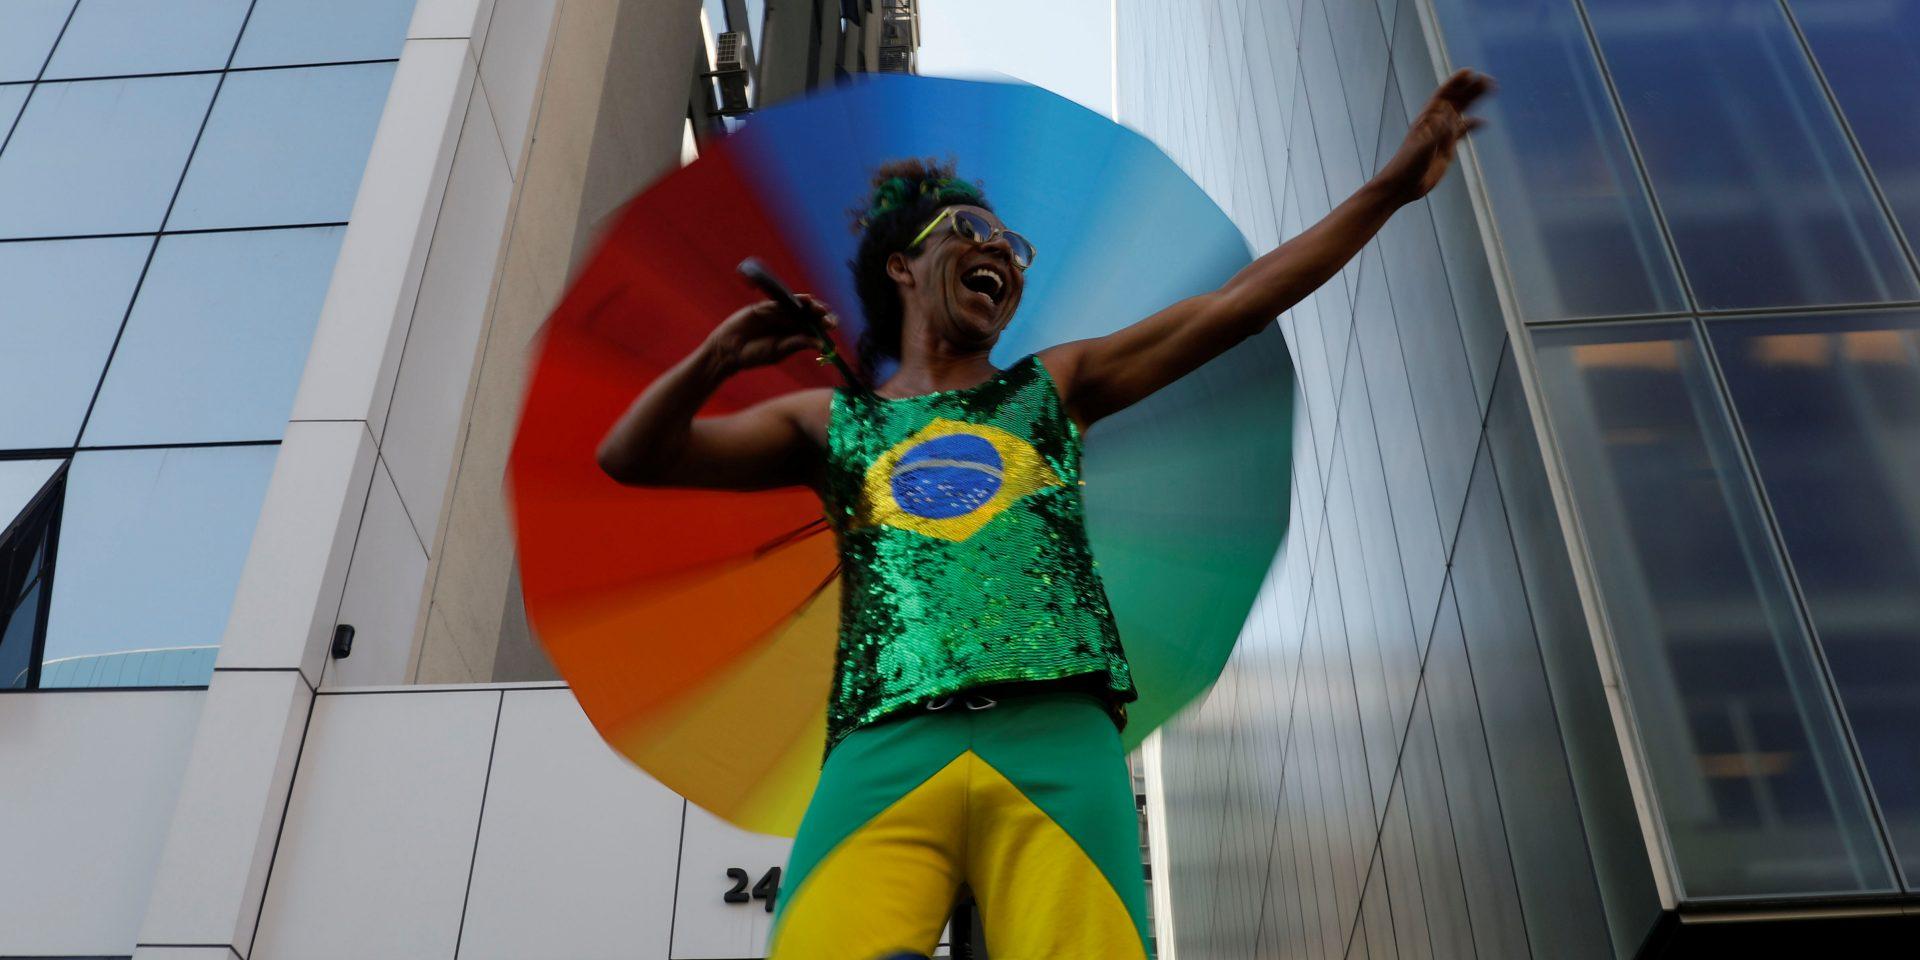 Glädje under årets Pride-parad den 23 juni i Sao Paulo i Brasilien. Nyligen röstades en lag igenom i Brasilien som förbjuder homofobi - en av många framgångar för hbtq-personers rättigheter i världen.